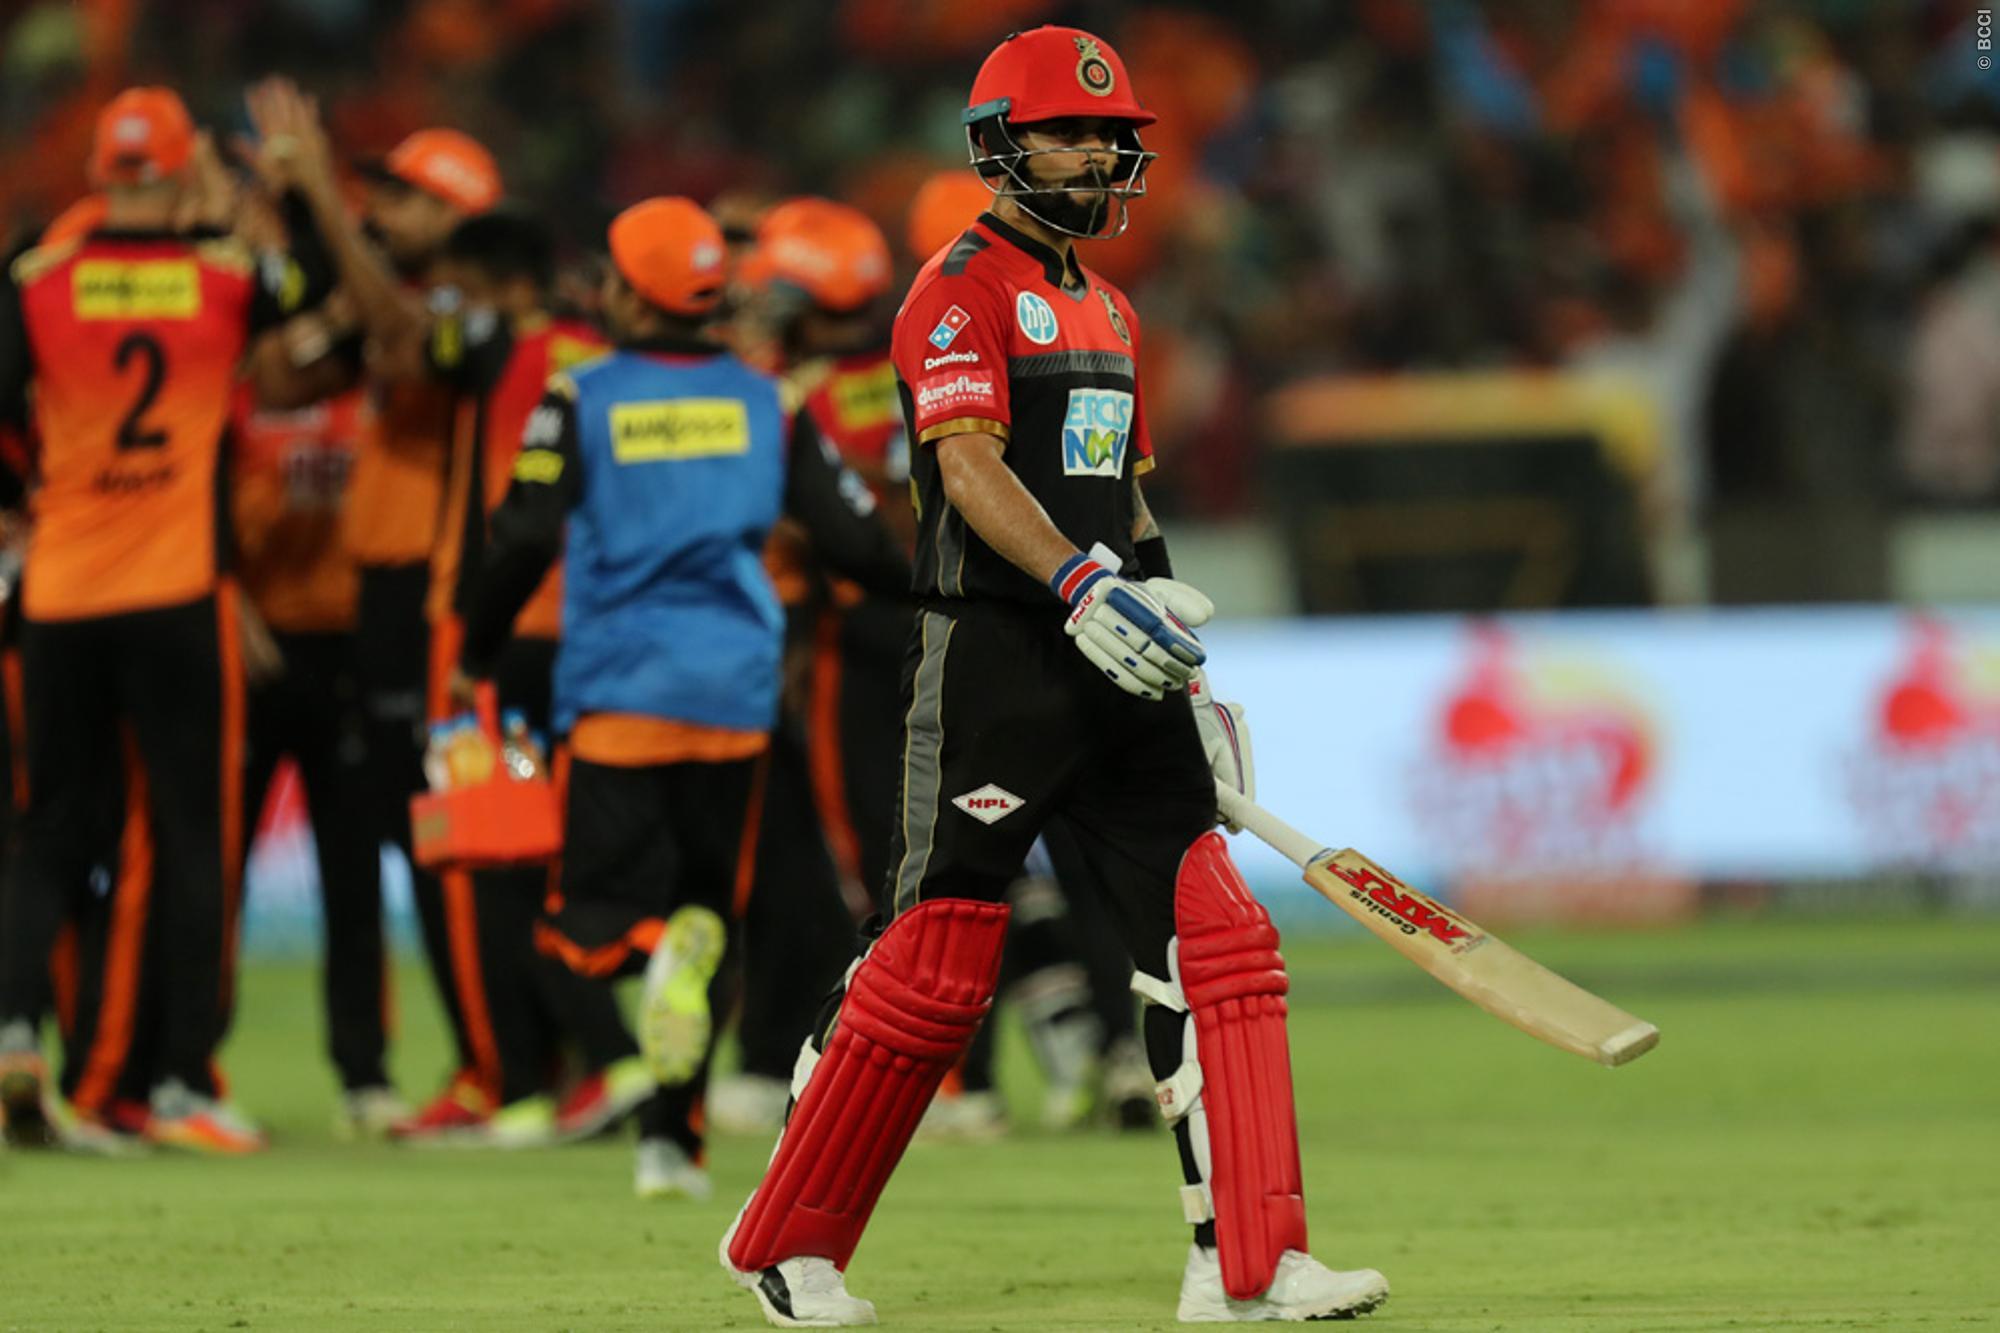 IPL 2018: आईपीएल से बाहर होने के बाद फूटा विराट कोहली का गुस्सा सीधे तौर पर इन्हें ठहराया हार का जिम्मेदार